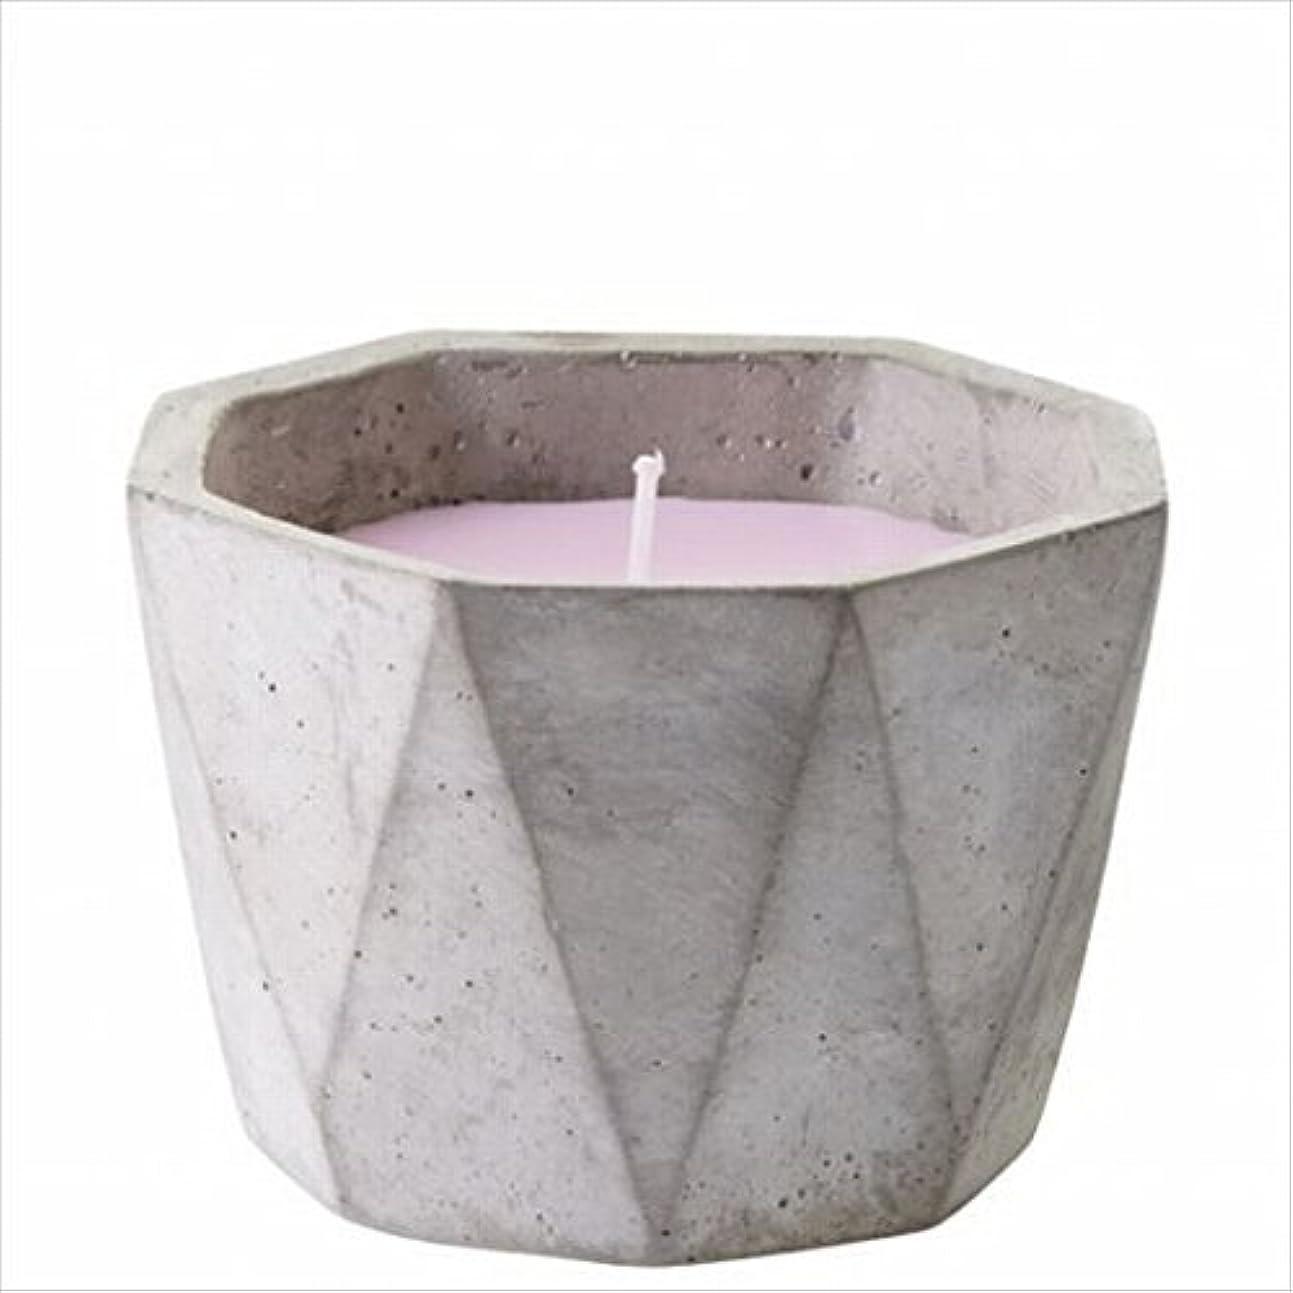 植物学者不安レクリエーションカメヤマキャンドル(kameyama candle) POiNT A LA LiGNE セメントポットセンティッドキャンドル 「 マグノリアセージ 」